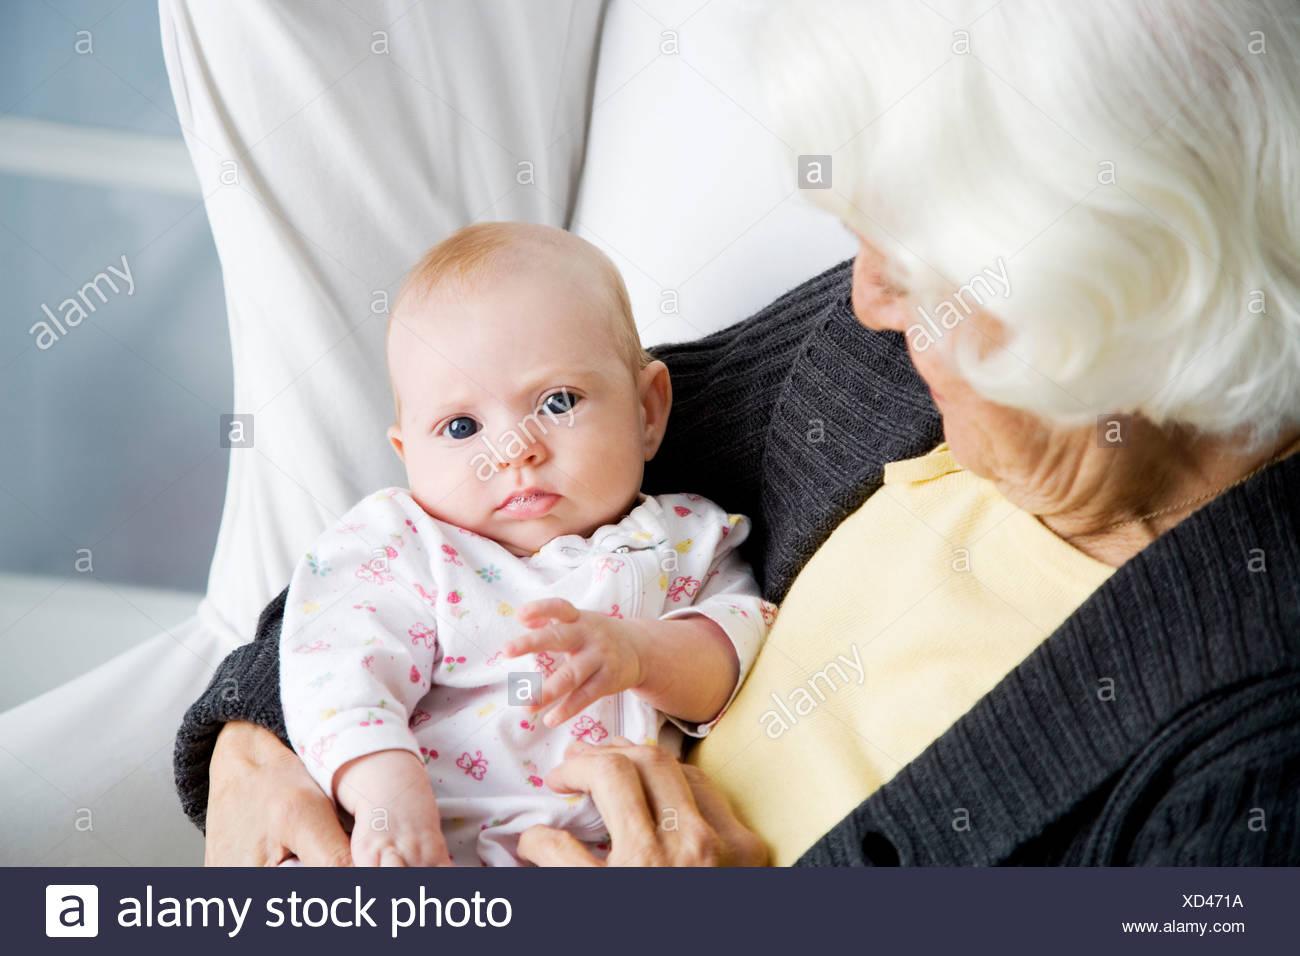 Una abuela sosteniendo su nuevo nieto Imagen De Stock